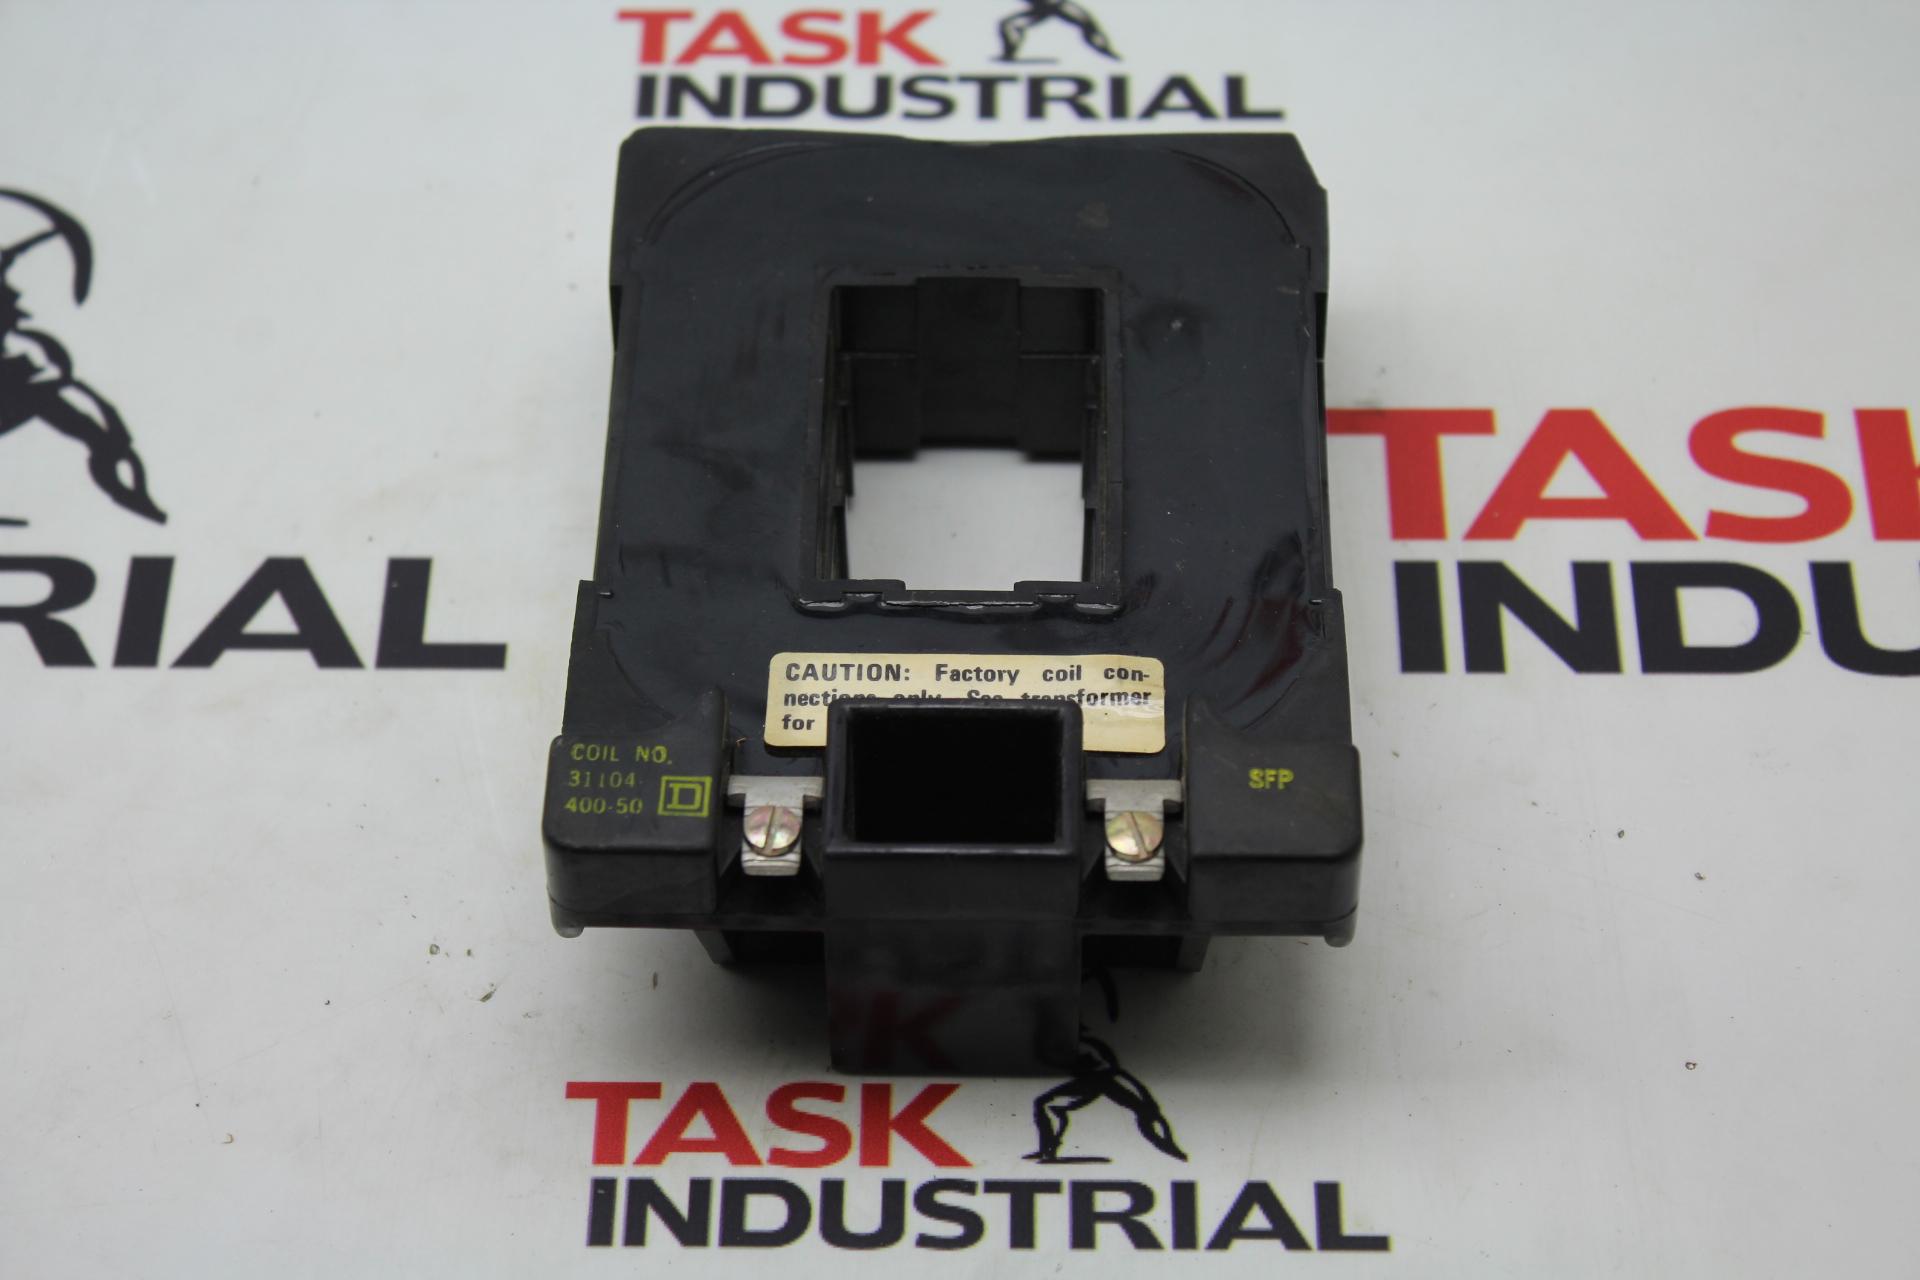 Square D Coil No. 31104 400-50 Magnet Coil